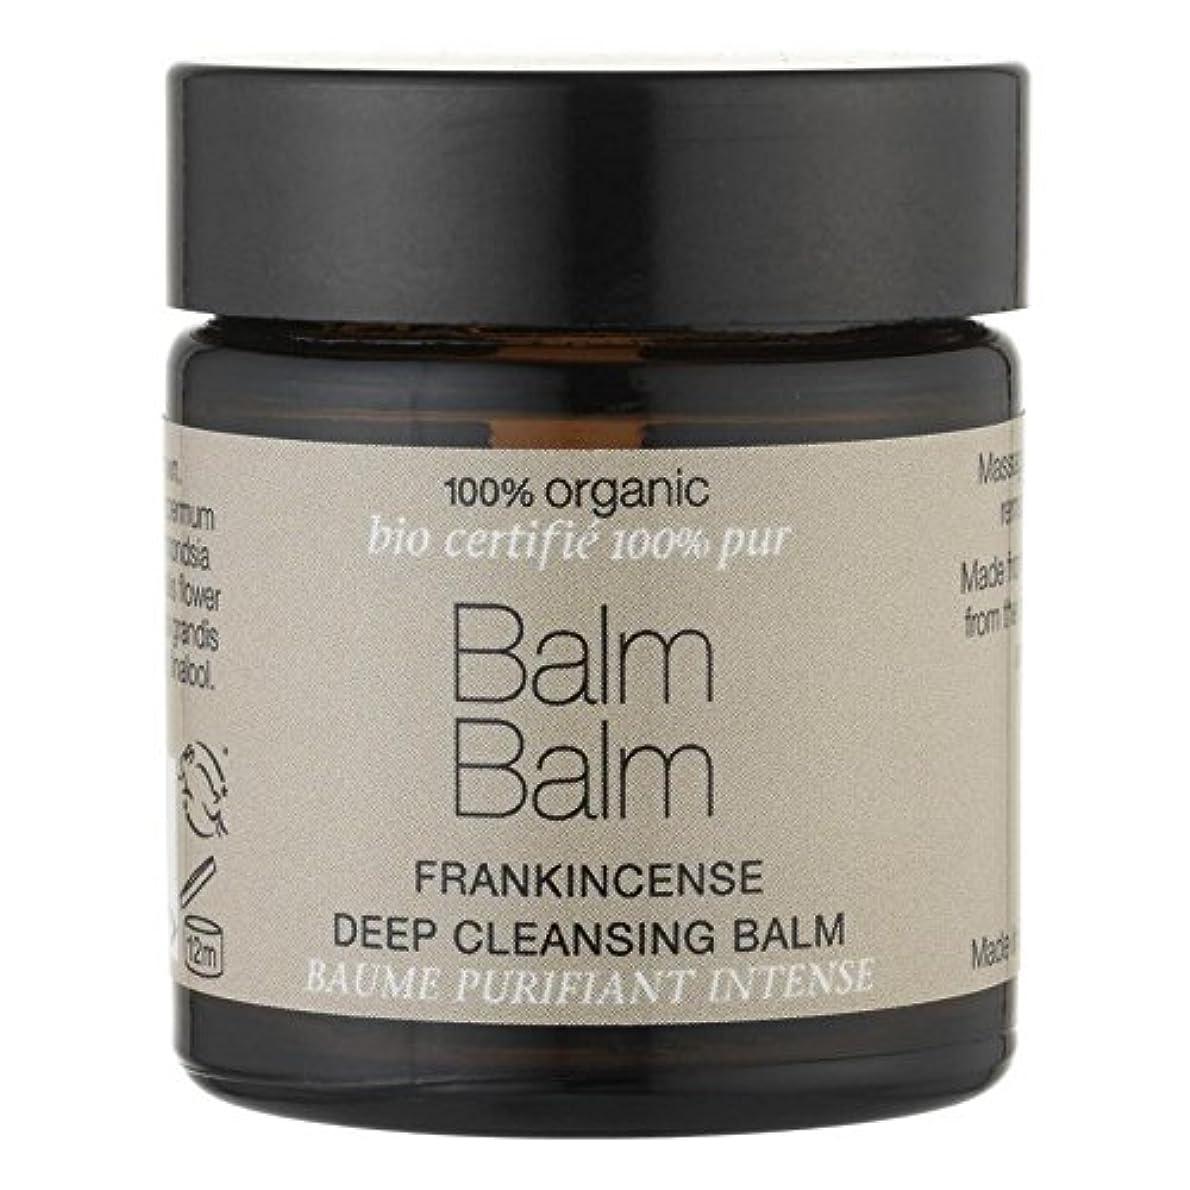 ルーチン幻滅する防水バームバーム乳香有機ディープクレンジングクリーム30ミリリットル x2 - Balm Balm Frankincense Organic Deep Cleansing Balm 30ml (Pack of 2) [並行輸入品]